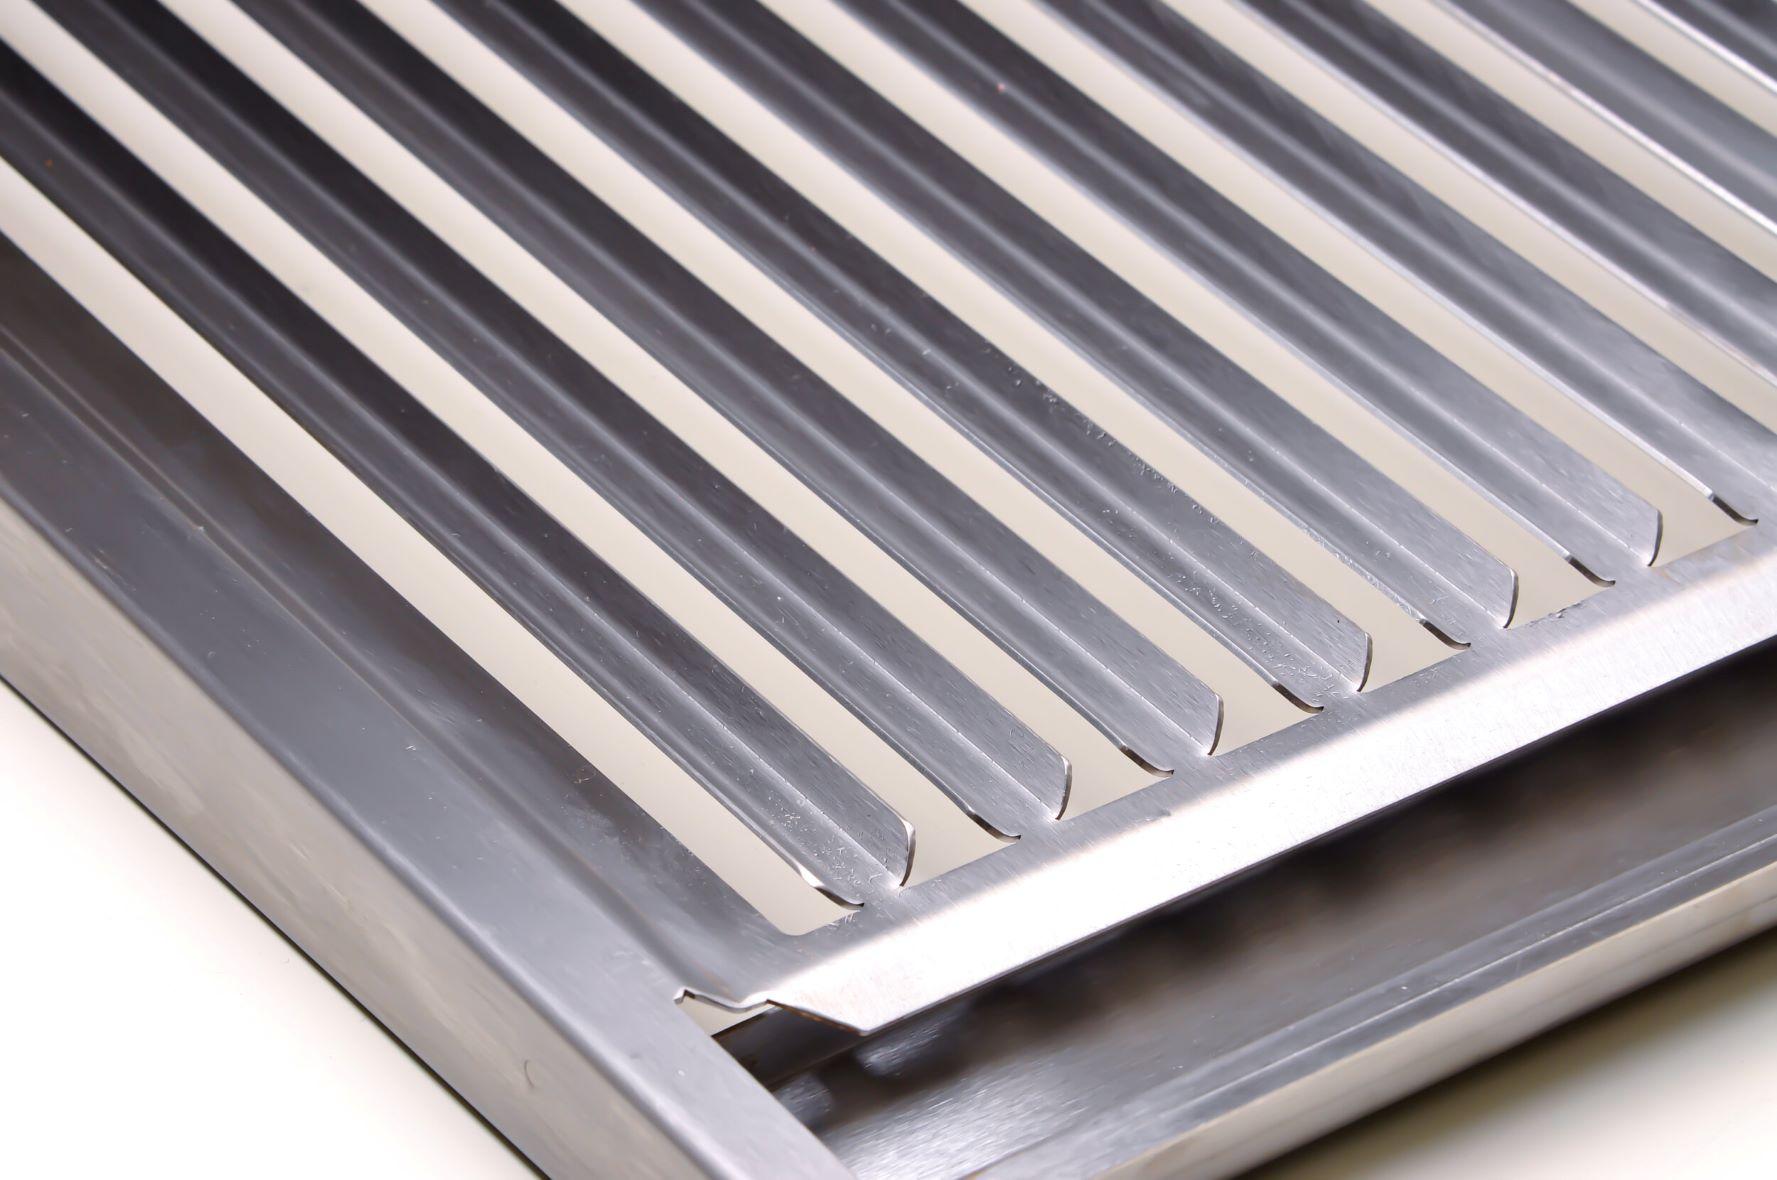 Grelha Argentina Parrilha em Inox Escovado Corte a Laser com Cabo de Alumínio  - DOTEC SHOP